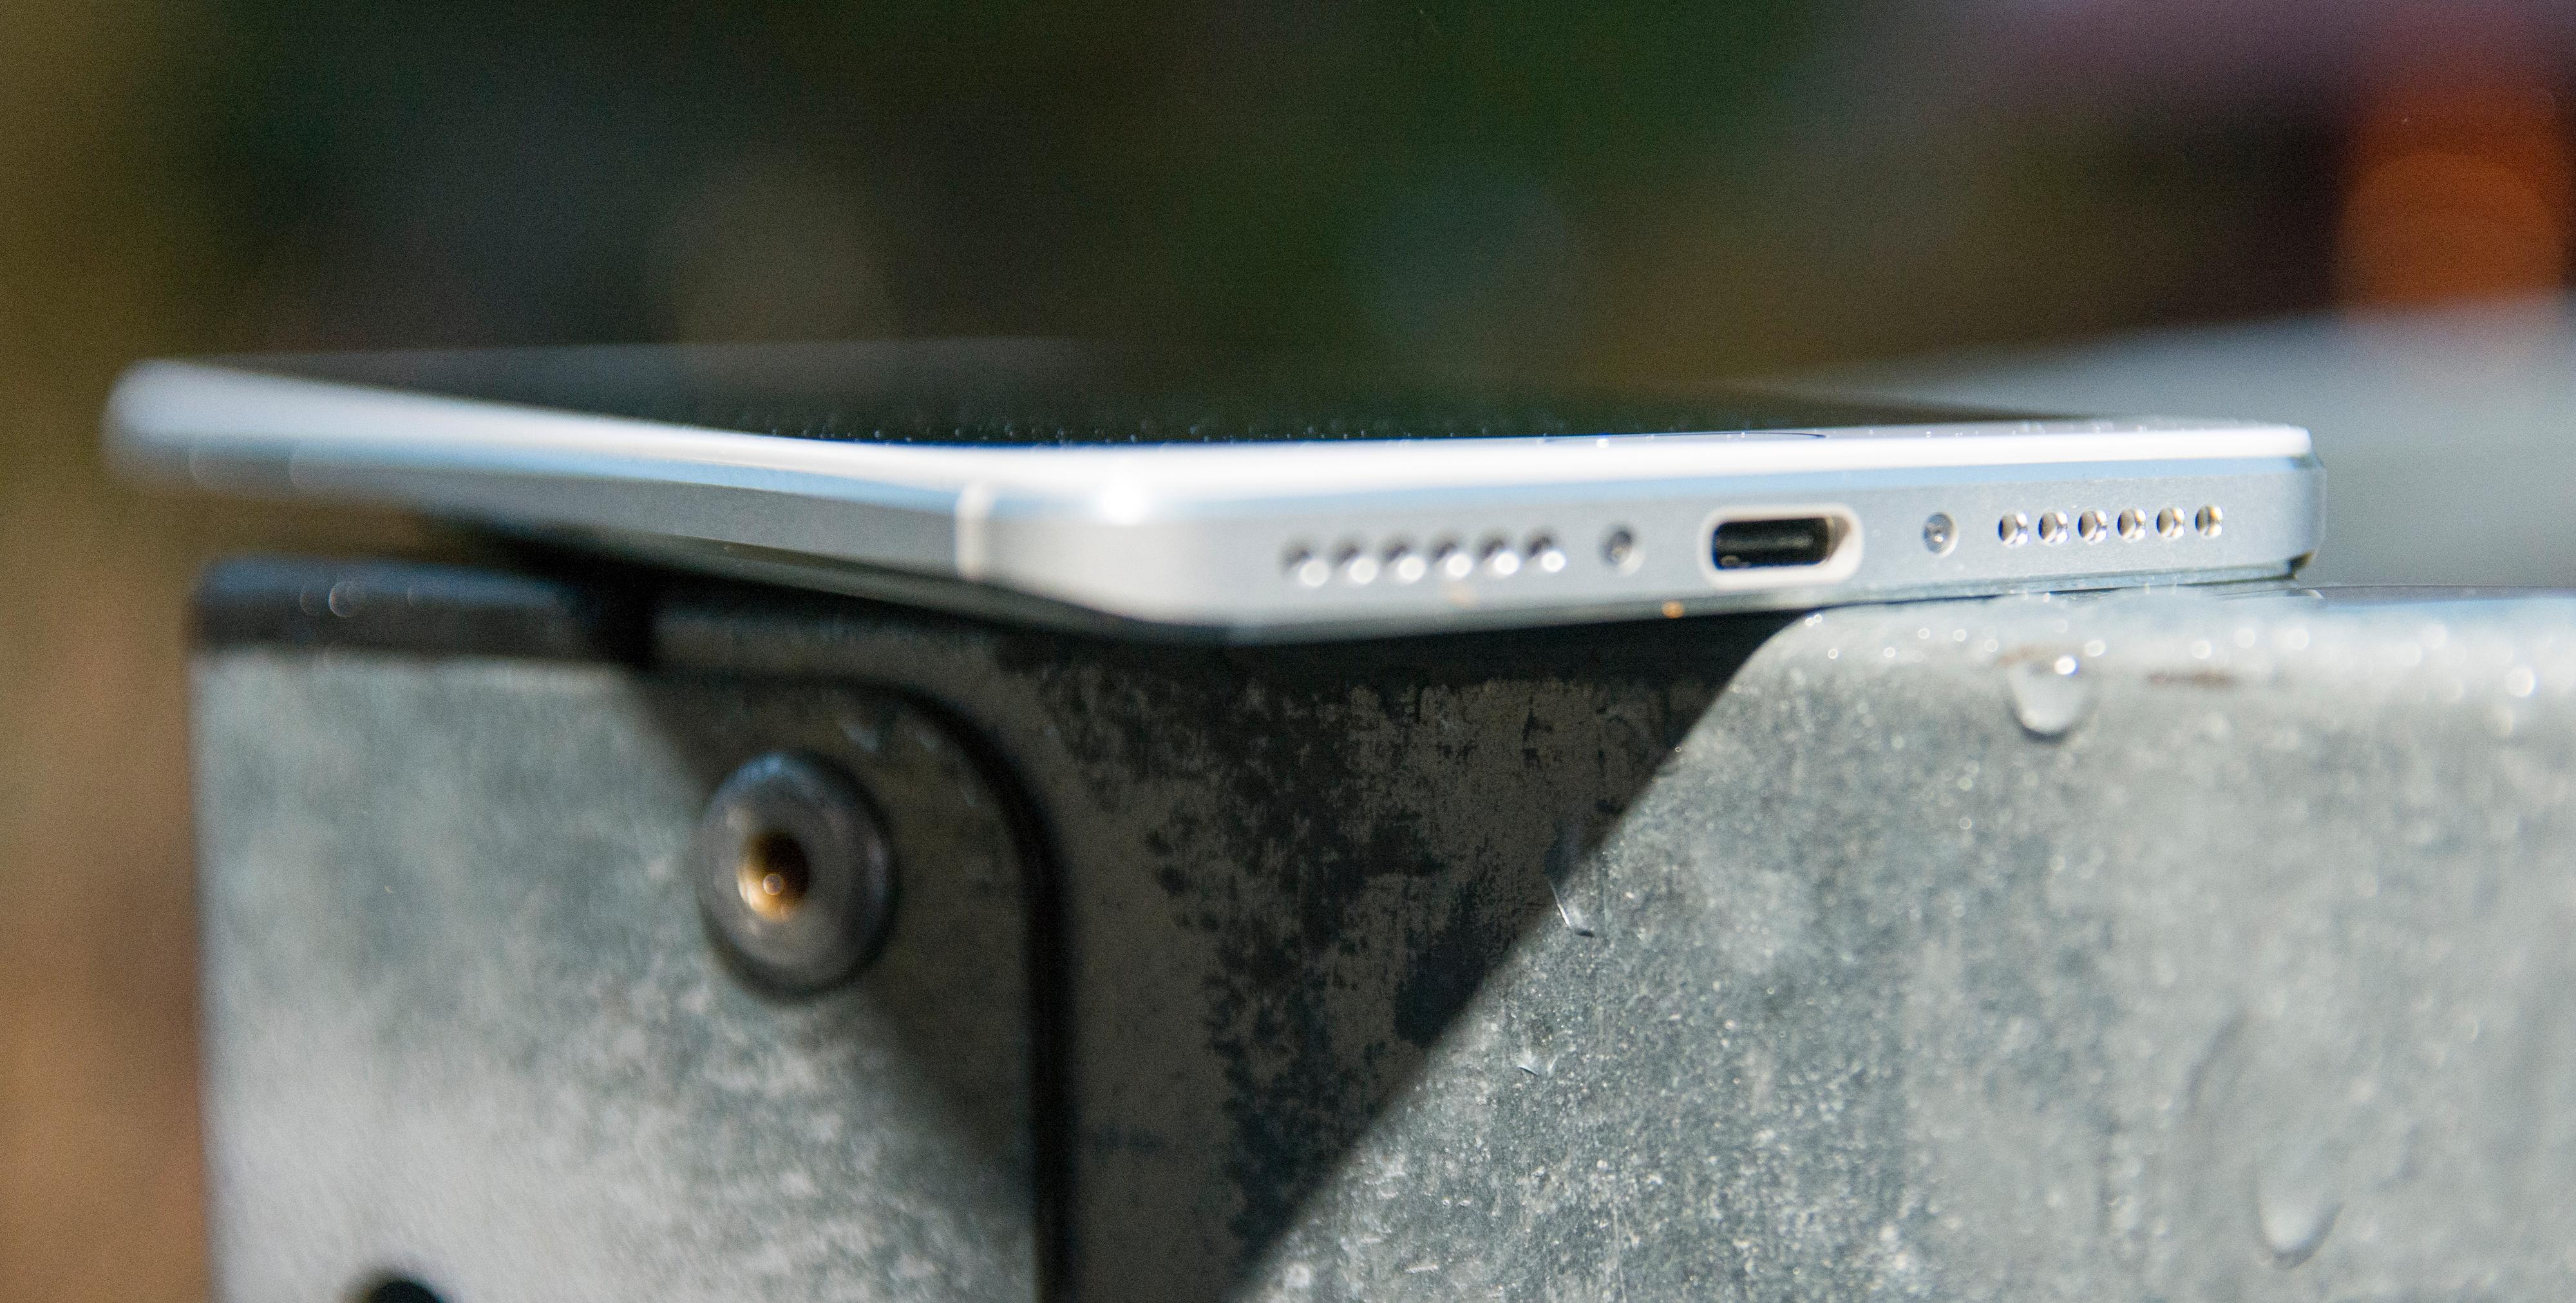 Den nye USB type-C-kontakten brukes til lading og filoverføring.